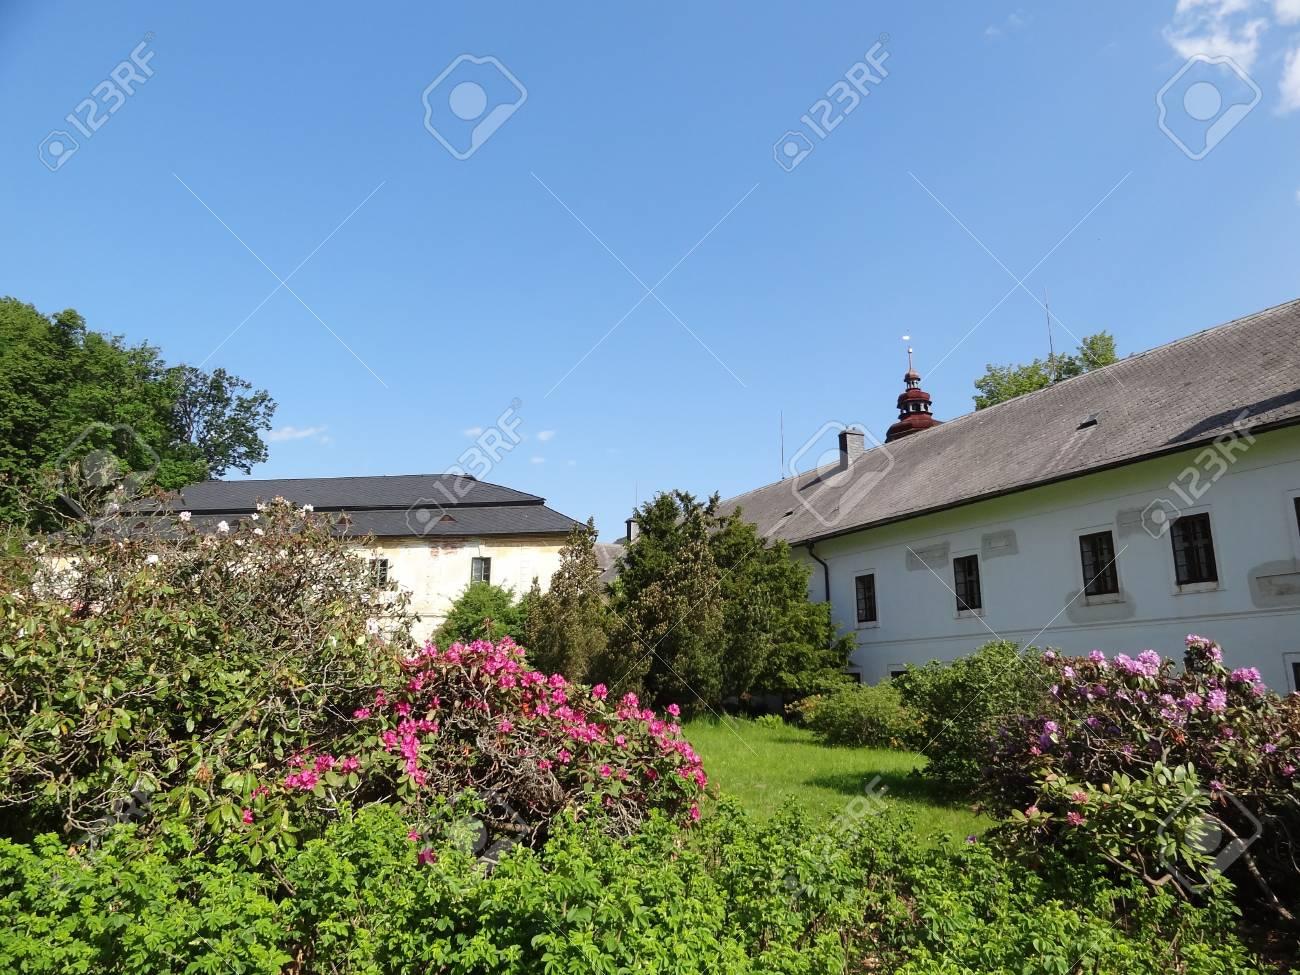 Velke Losiny, Czech Republic - May 23 2012: Chateau Velke Losiny with Garden Stock Photo - 14277534